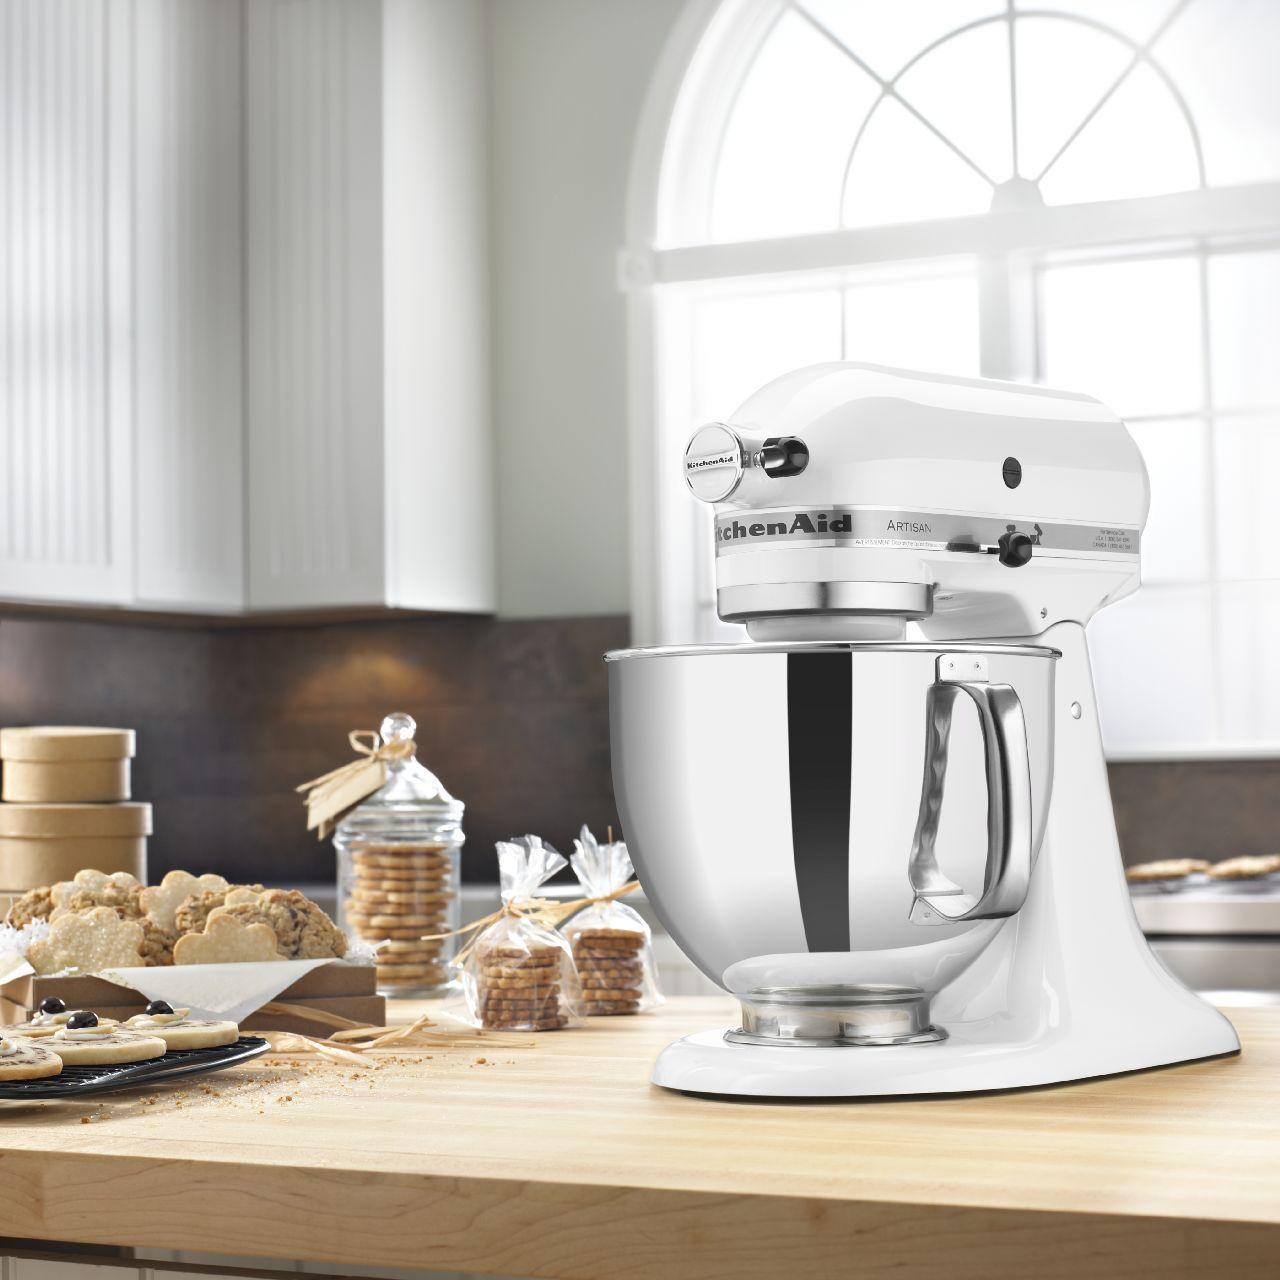 Find a KitchenAid Mixer on eBay